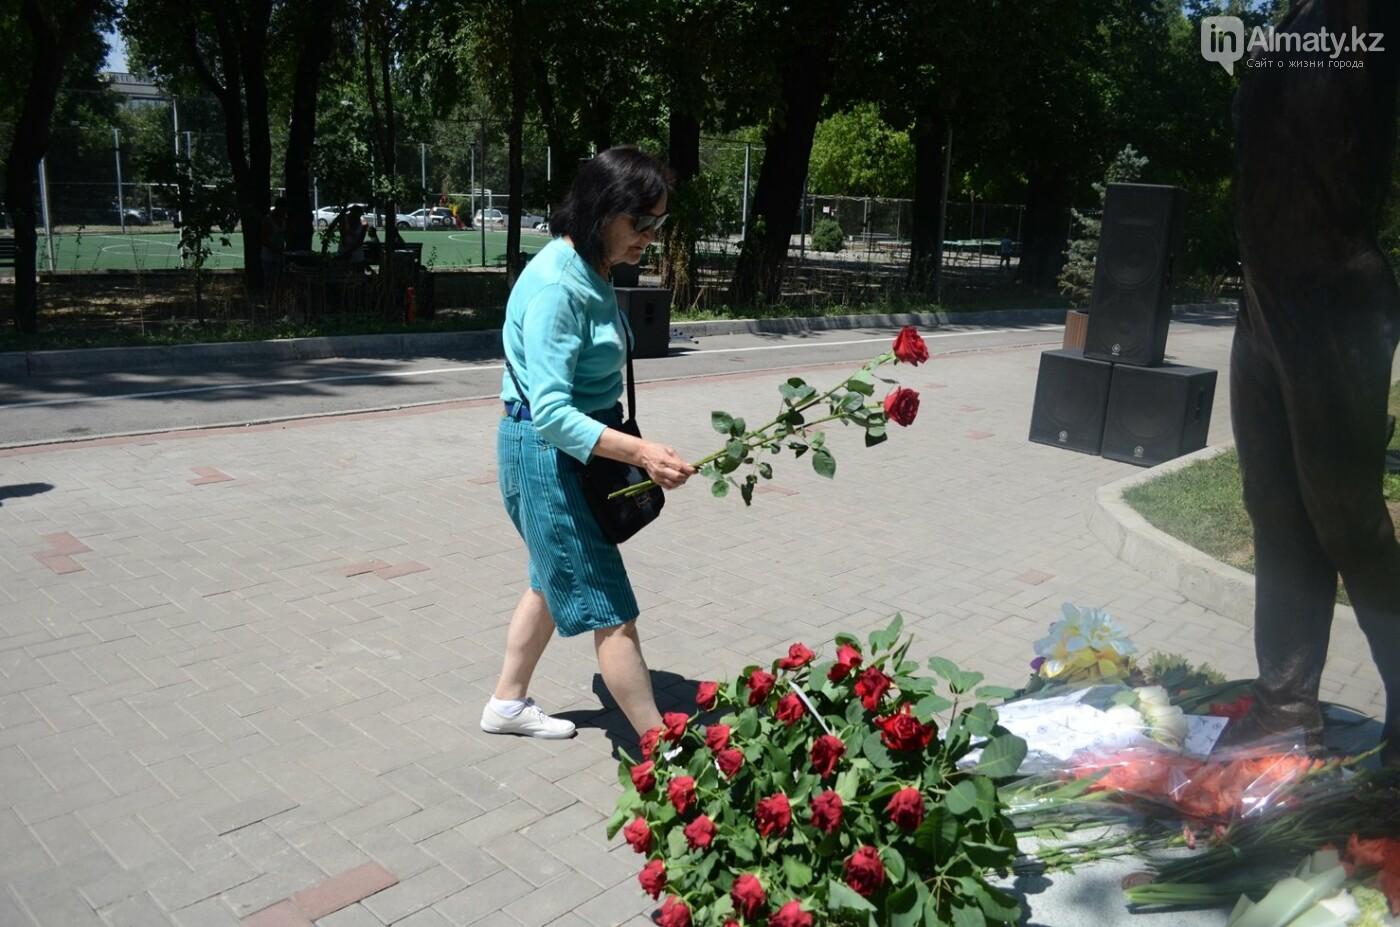 Алматинцы приносят цветы к памятнику Дениса Тена (фото), фото-1